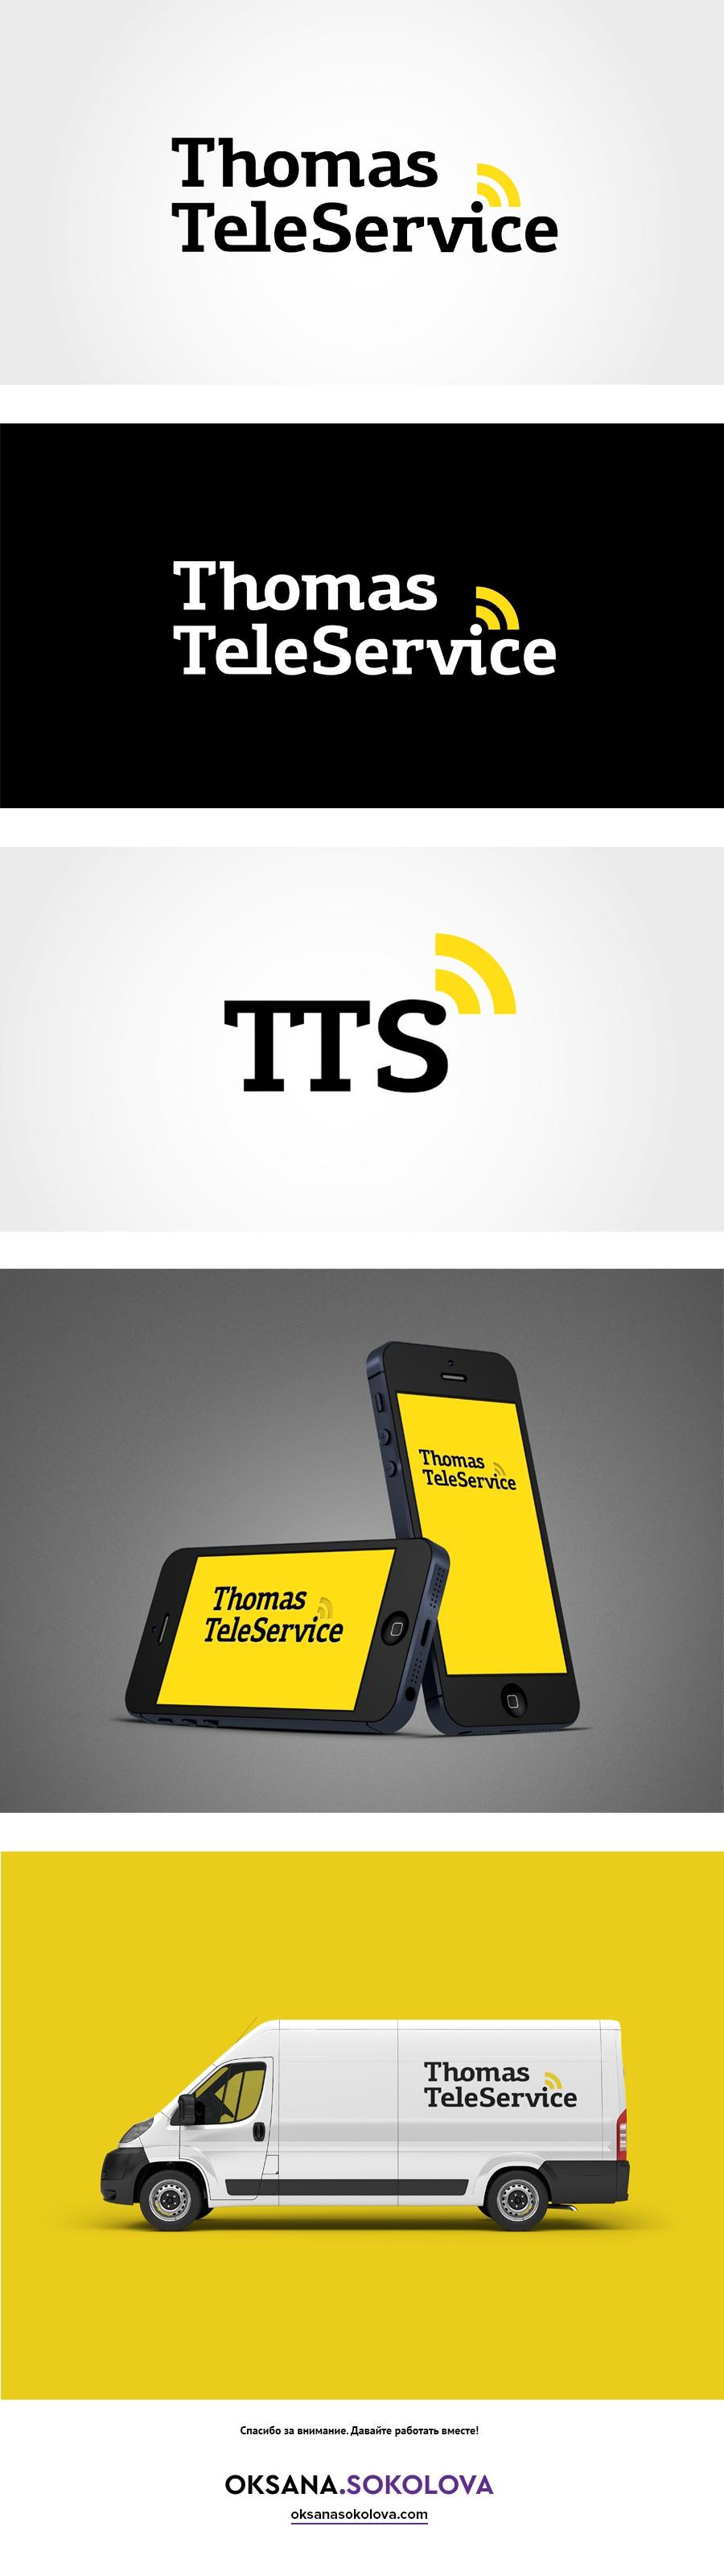 Thomas Teleservice